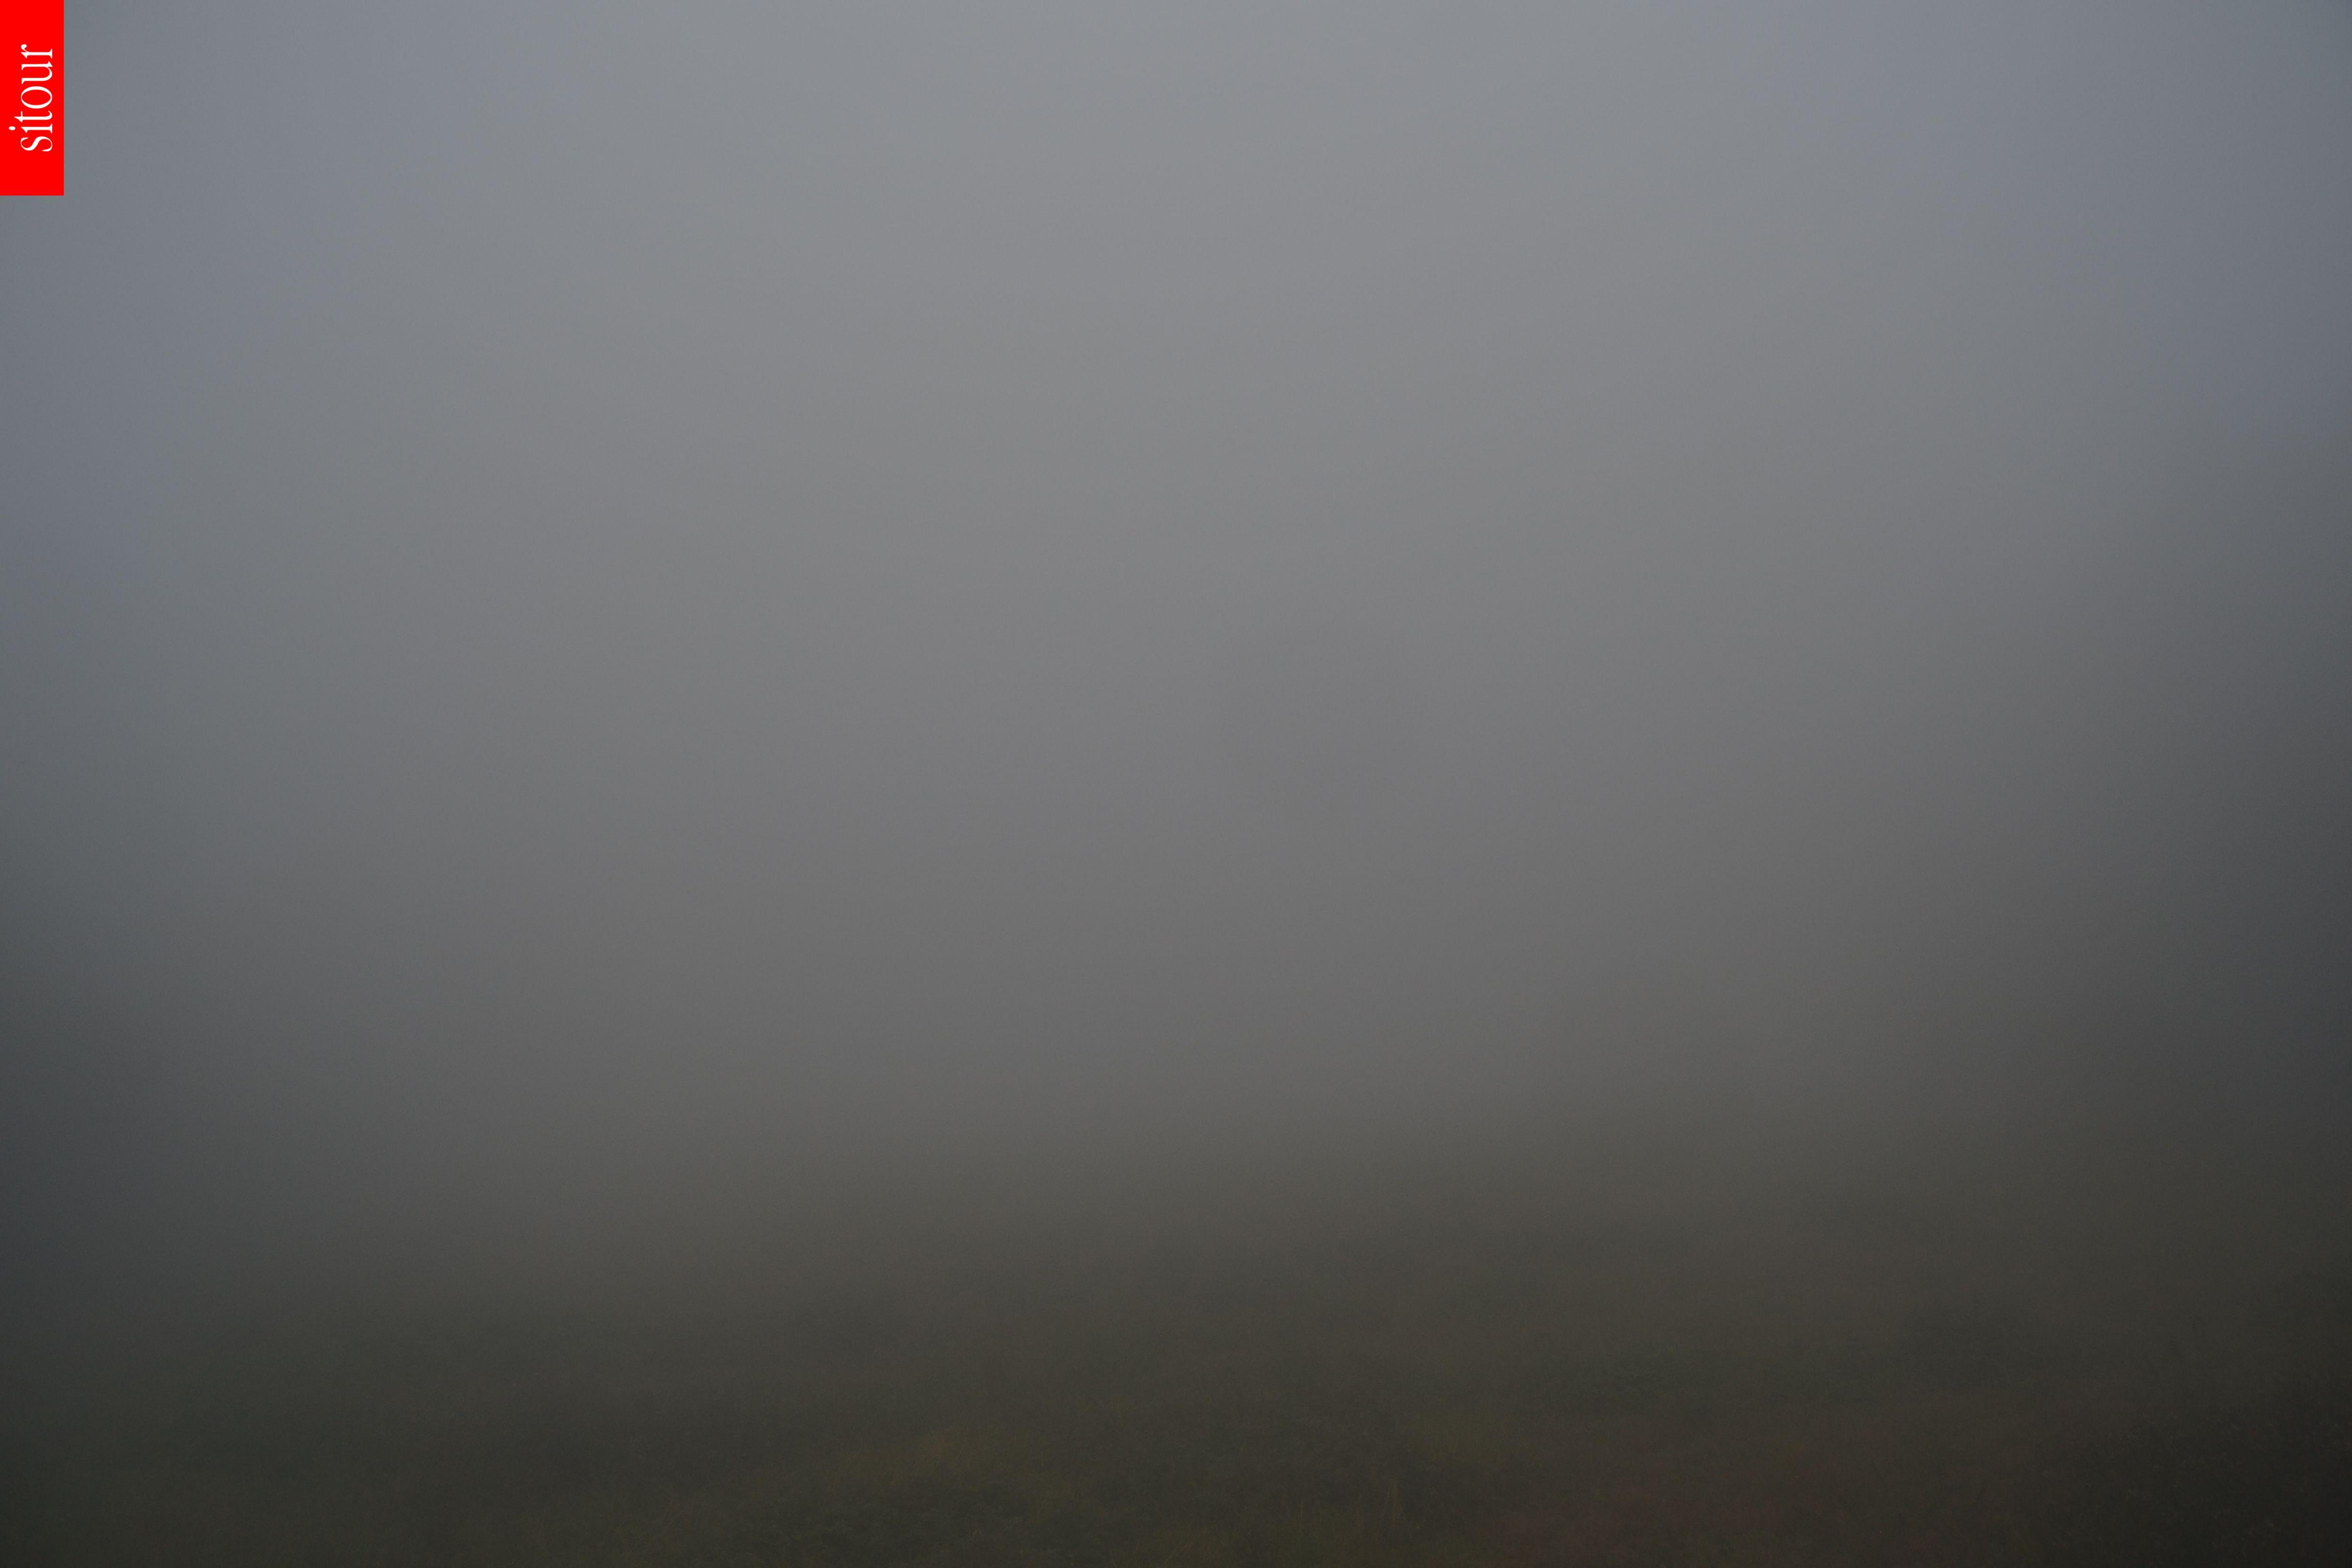 Kamera Ještěd - Černý vrch